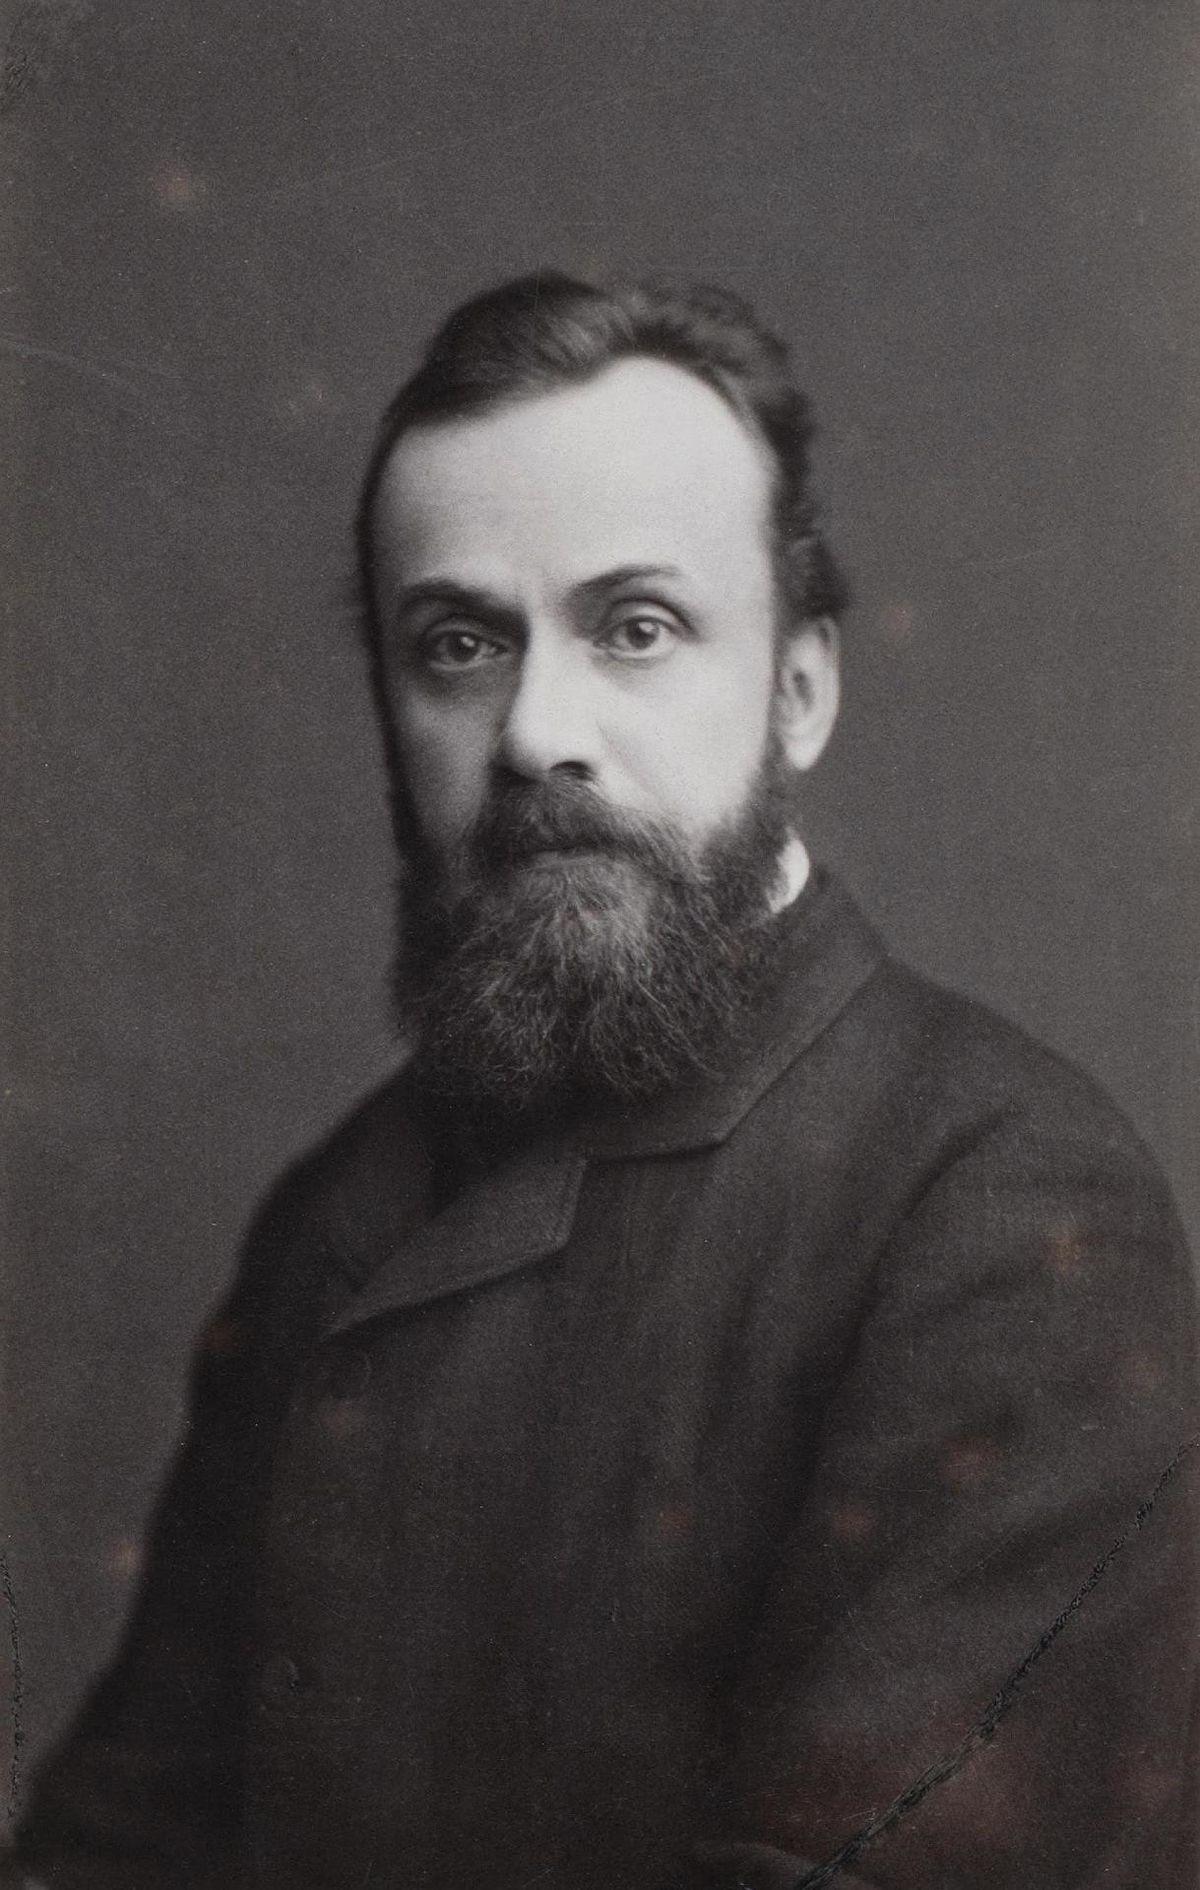 Г.И.Успенский (1843-1902) 175 лет со дня рождения